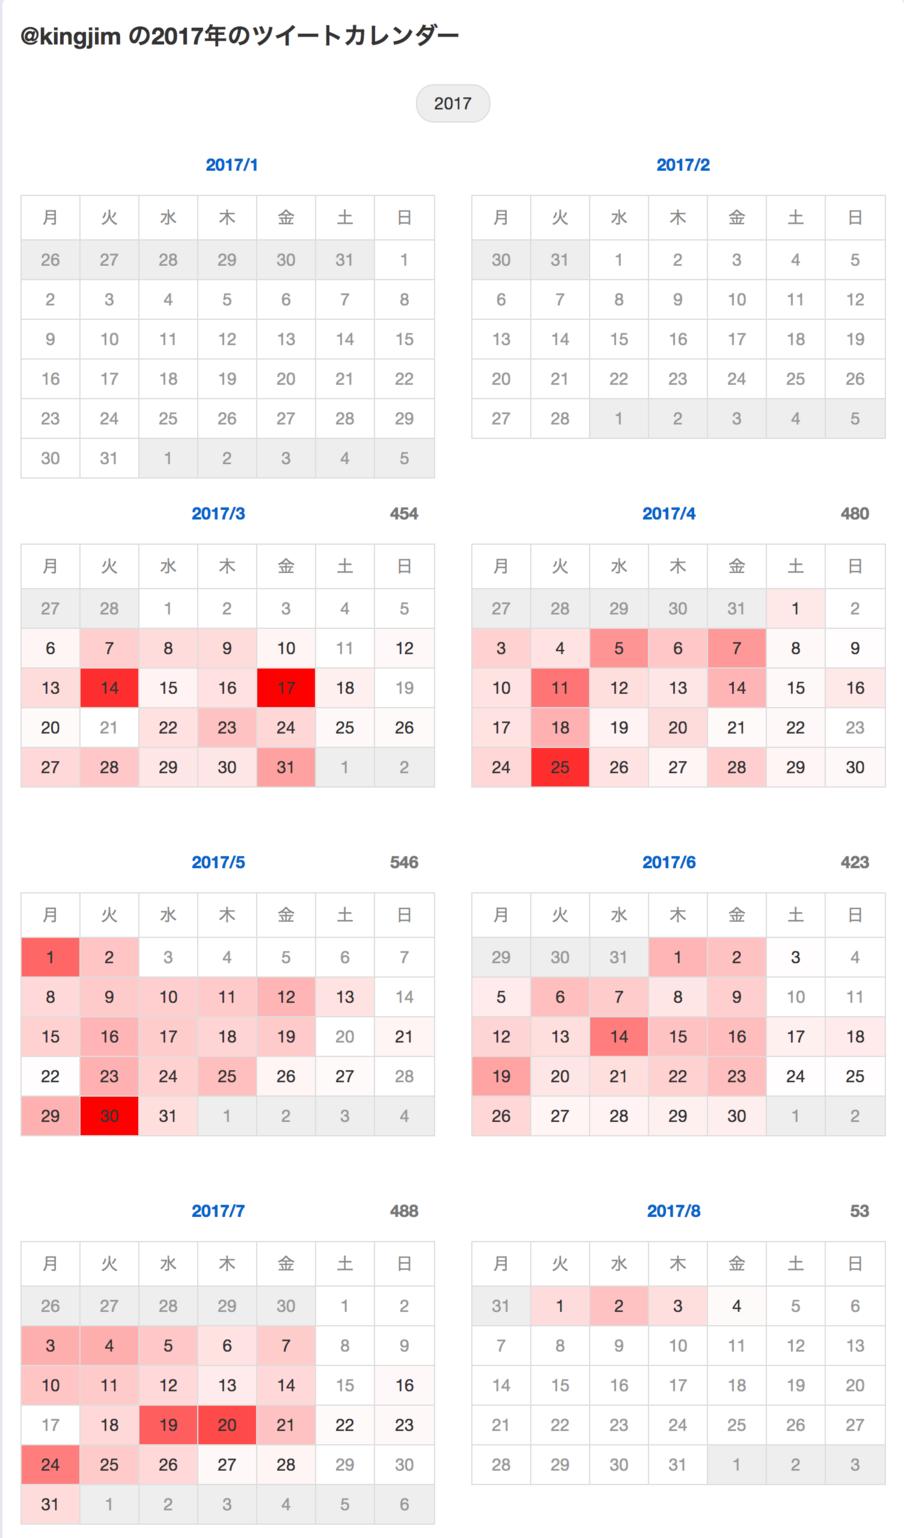 kingjim_の2017年のツイートカレンダー__whotwi_グラフィカルTwitter分析.png